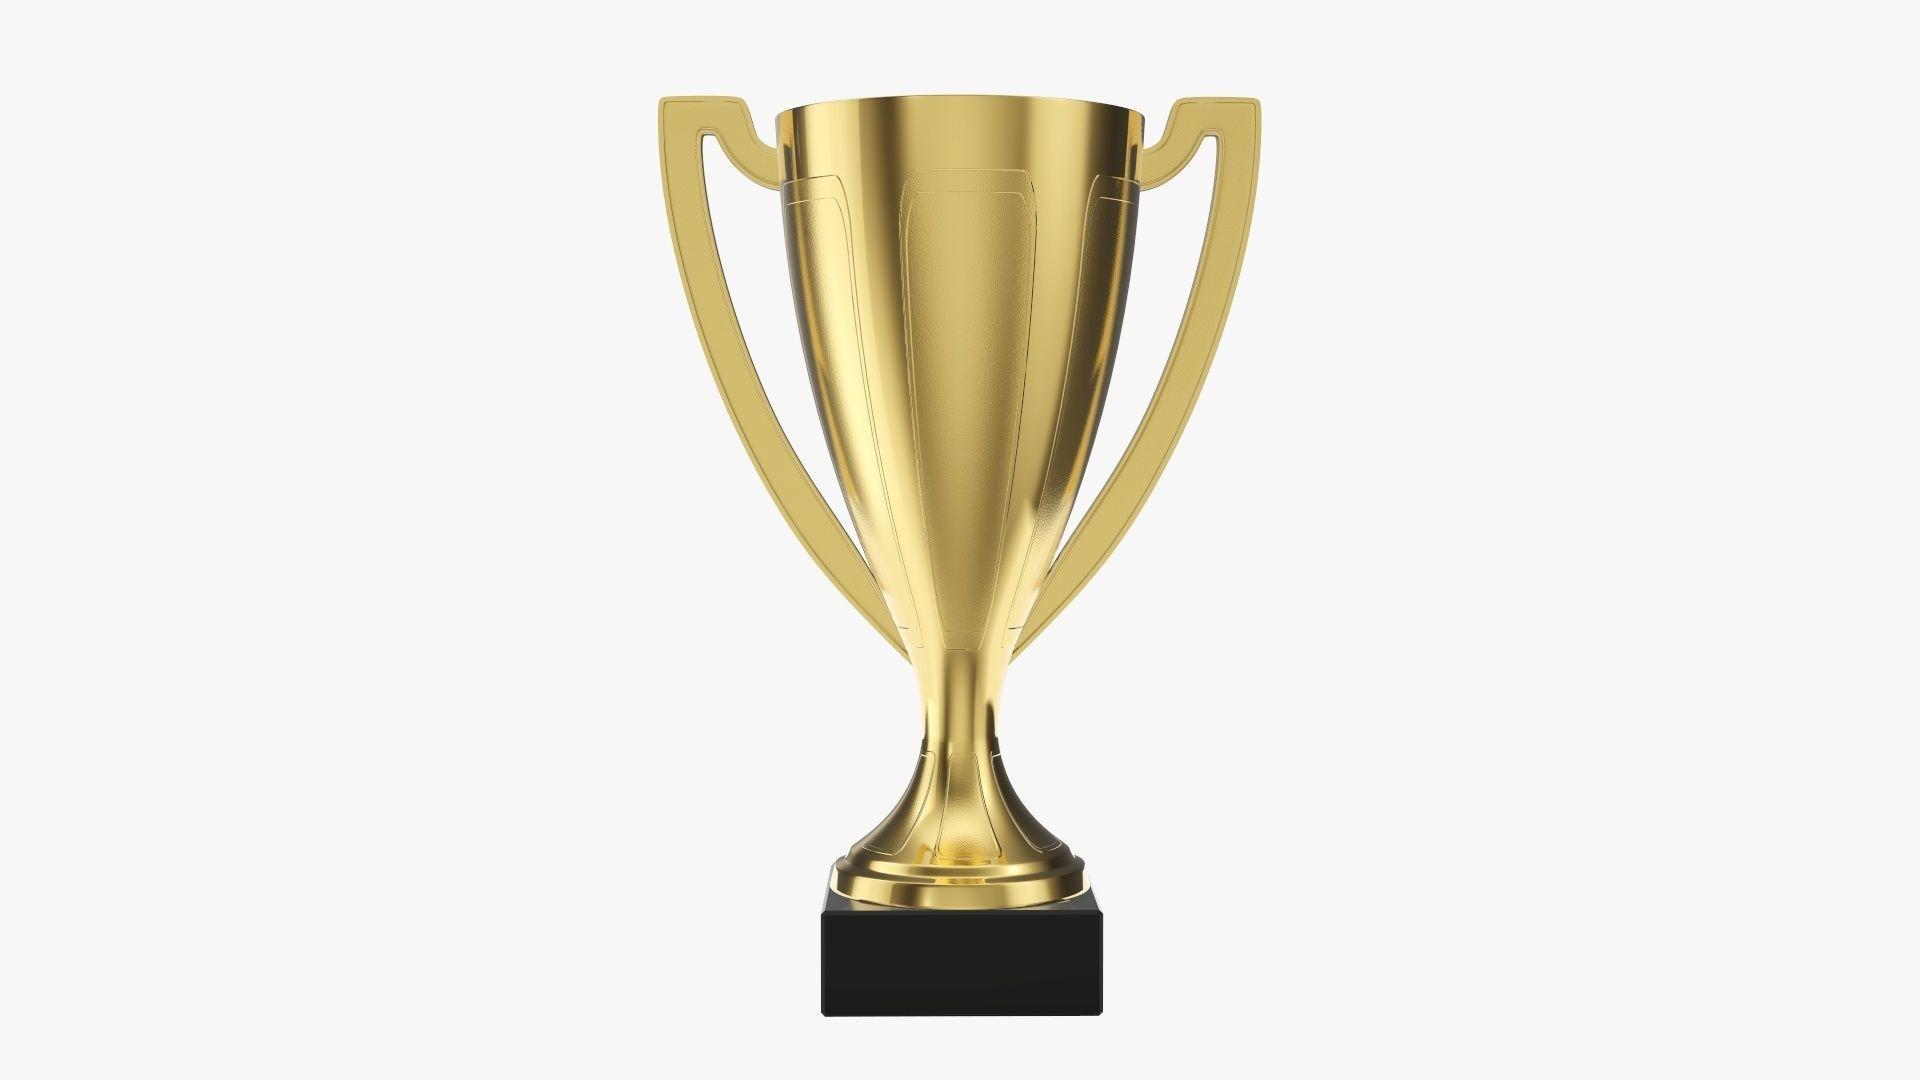 Cup trophy 04